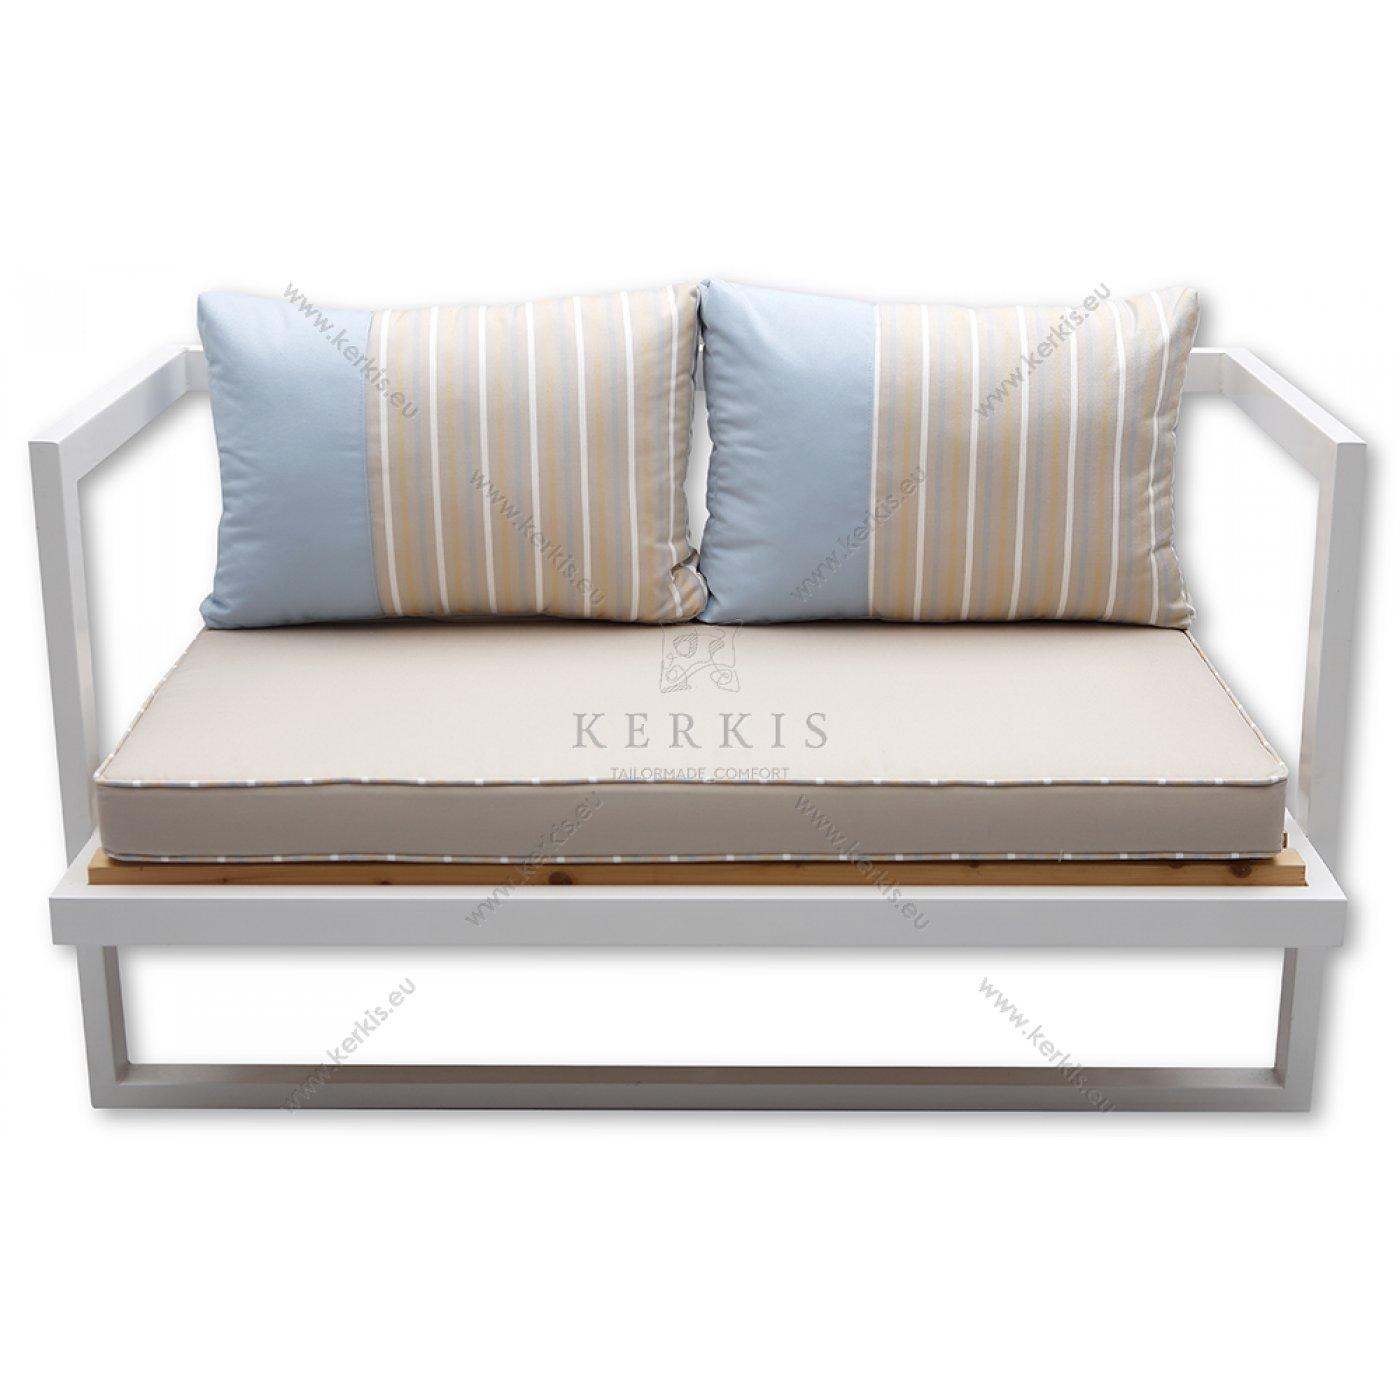 Μαξιλάρια καναπέ εξωτερικού χώρου με συνδυασμό δύο υφασμάτων στις πλάτες